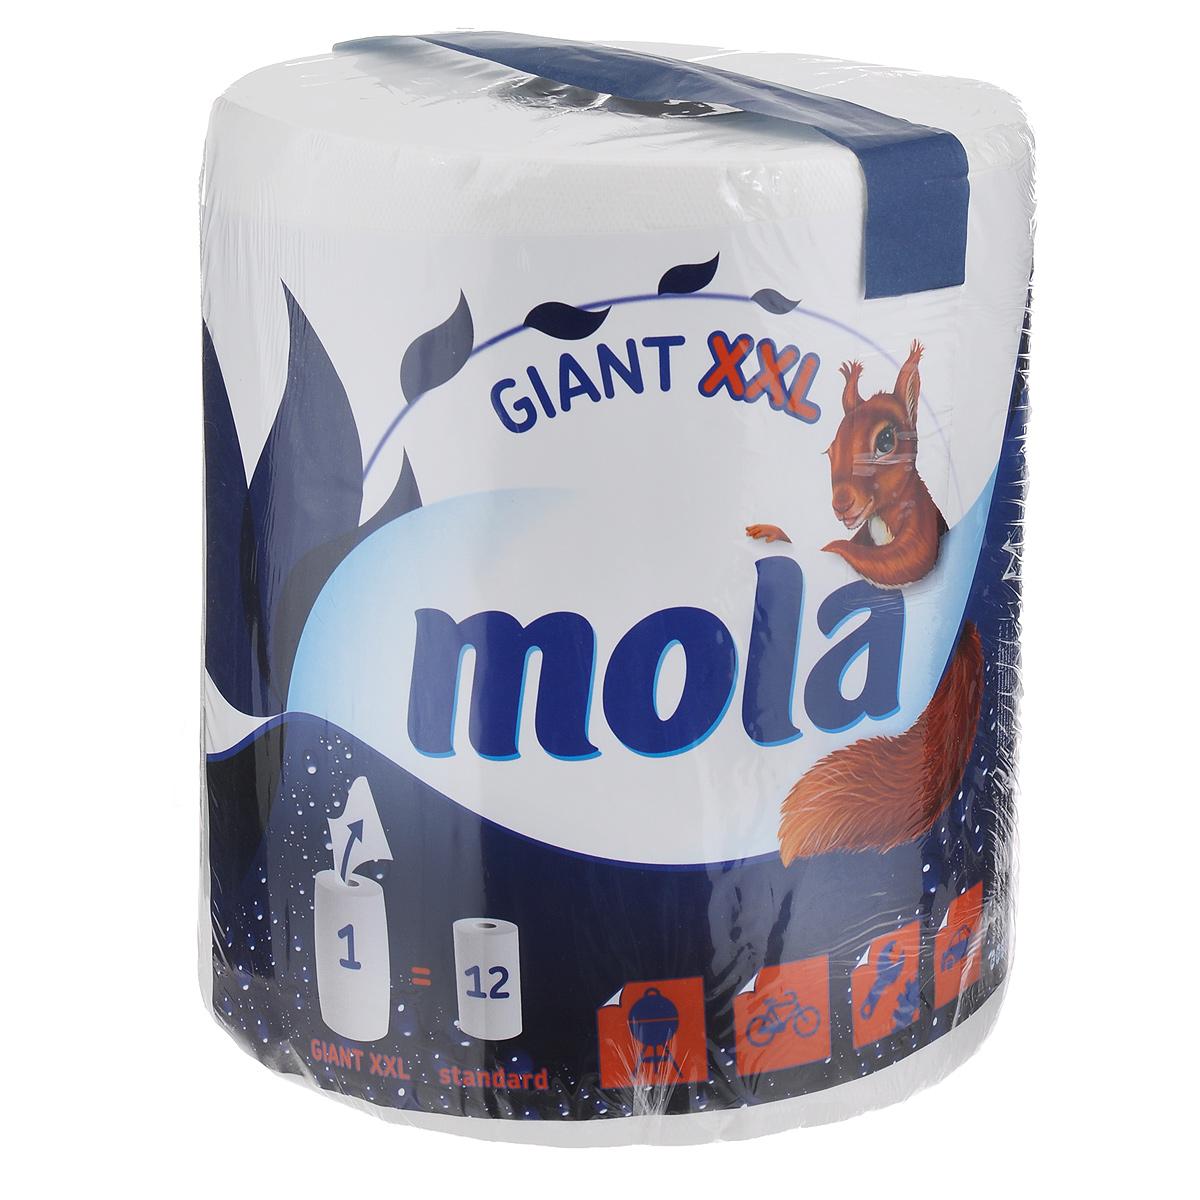 Полотенца бумажные Mola Giant, двухслойные, цвет: белый, 1 рулон2775Двухслойные бумажные полотенца Mola, выполненные из 100% целлюлозы, подарят превосходный комфорт и ощущение чистоты и свежести. Бумажные полотенца Mola - это незаменимый атрибут чистой кухни. Они просты в использовании, их не надо стирать и просто утилизировать. Специальное тиснение улучшает способность материала впитывать влагу, что позволяет полотенцам еще лучше справляться со своей работой. Натуральные материалы, используемые при изготовлении продукции Mola, безопасны для людей, животных и окружающей среды, не вызывают раздражения и аллергии и не оставляют мелкой бумажной пыли. Классические бумажные полотенца Mola могут использоваться не только на кухне, но и для других целей, поскольку отлично вытирают руки и убирают грязь с самых разных поверхностей. Стол, пол, подоконник - все будет чистым и свежим, а полотенце просто отправится в ведро. Большой упаковки полотенец хватит надолго. Один рулон Mola Giant включает в себя 12 стандартных...